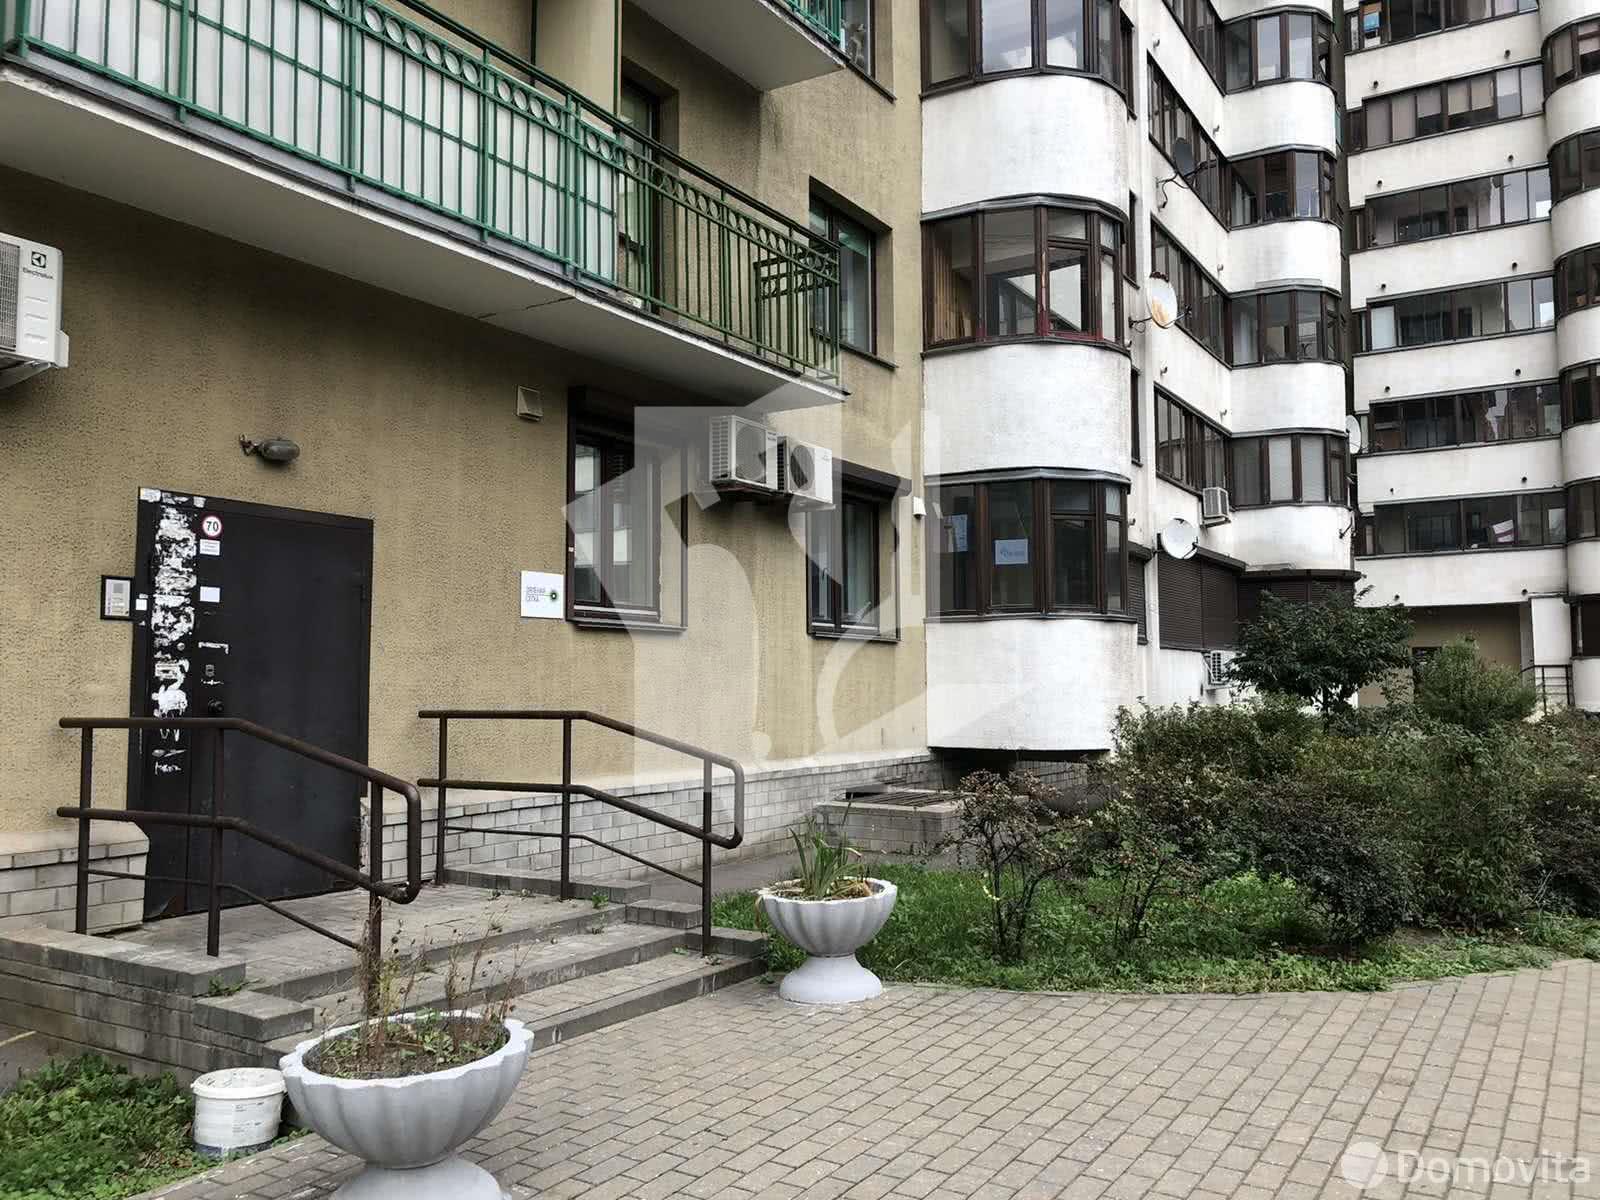 Аренда офиса на ул. Захарова, д. 50В в Минске - фото 1